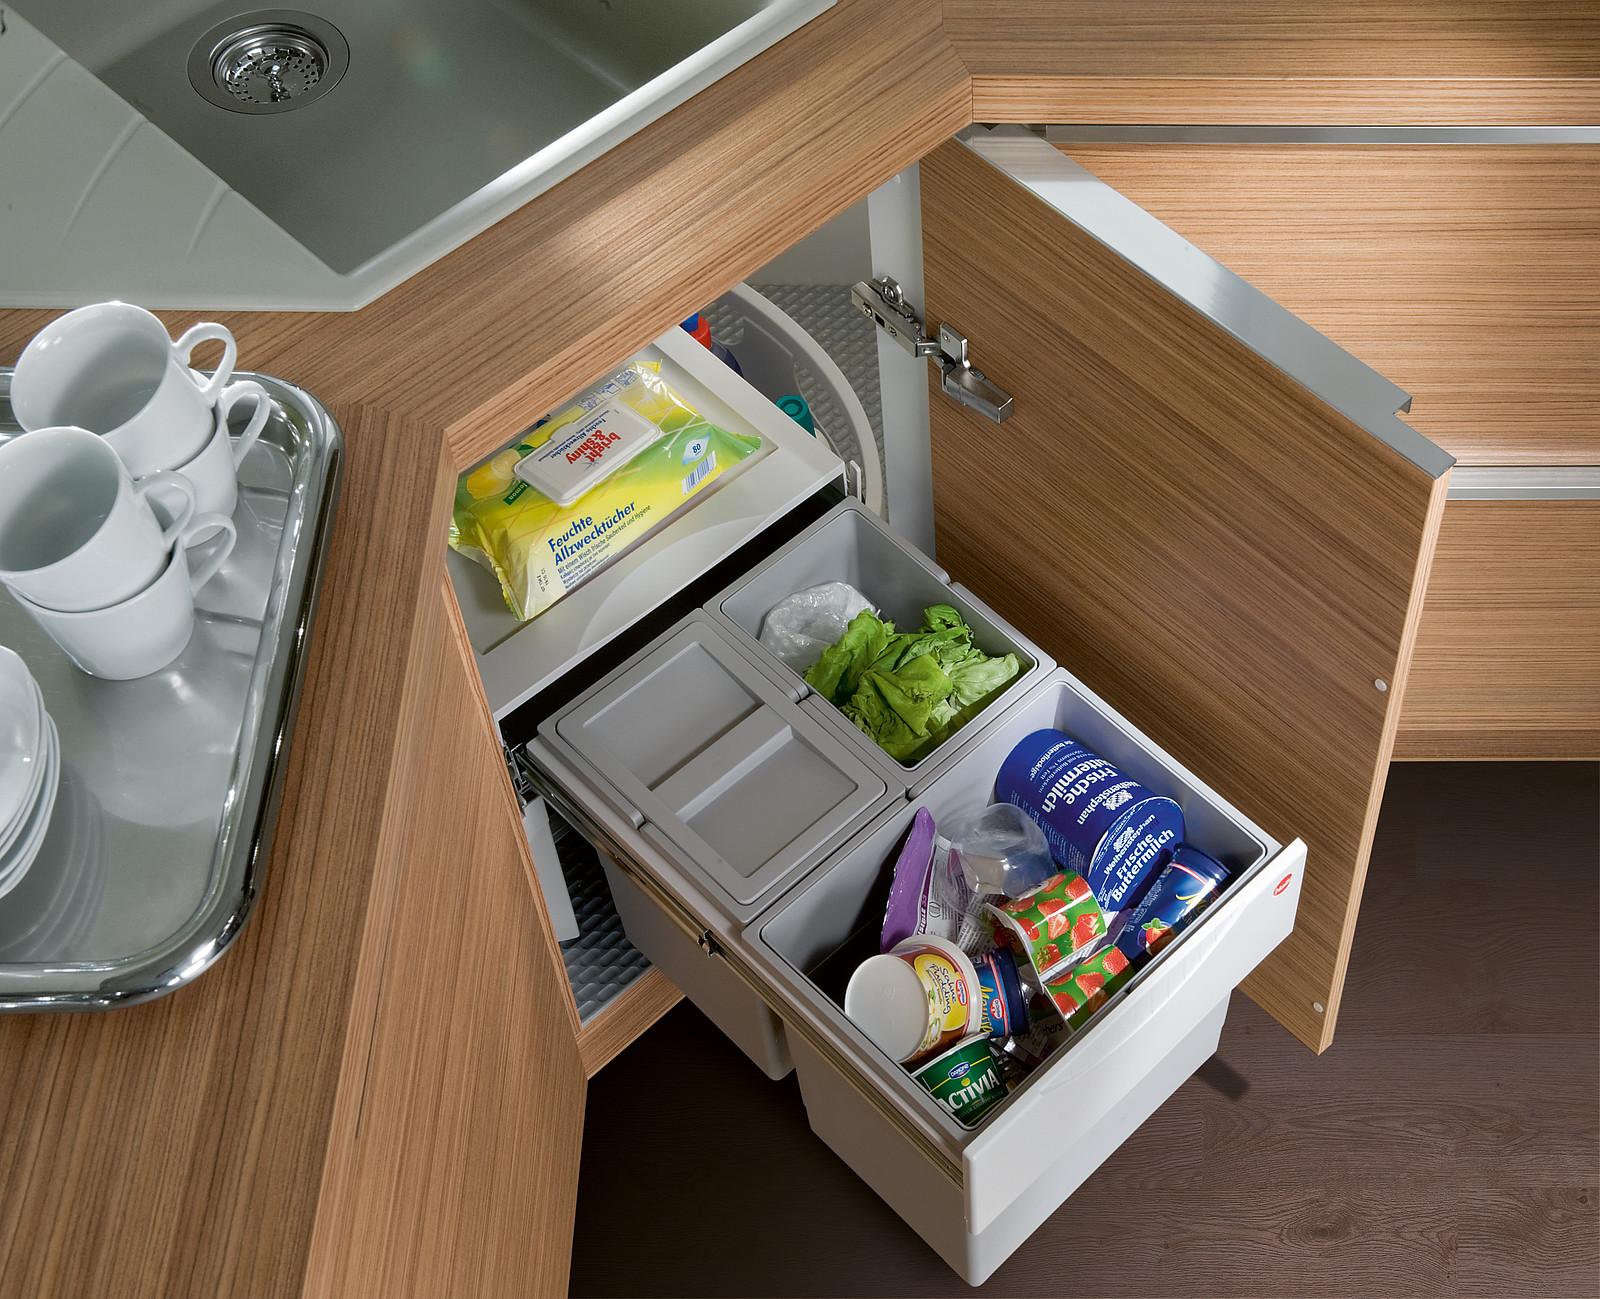 Full Size of Mlltrennung Wie Funktionieren Moderne Mlltrennsysteme Einbauküche Gebraucht Küche Nolte Hochglanz Kurzzeitmesser Kaufen Ikea Einhebelmischer Hängeschrank Küche Müllsystem Küche